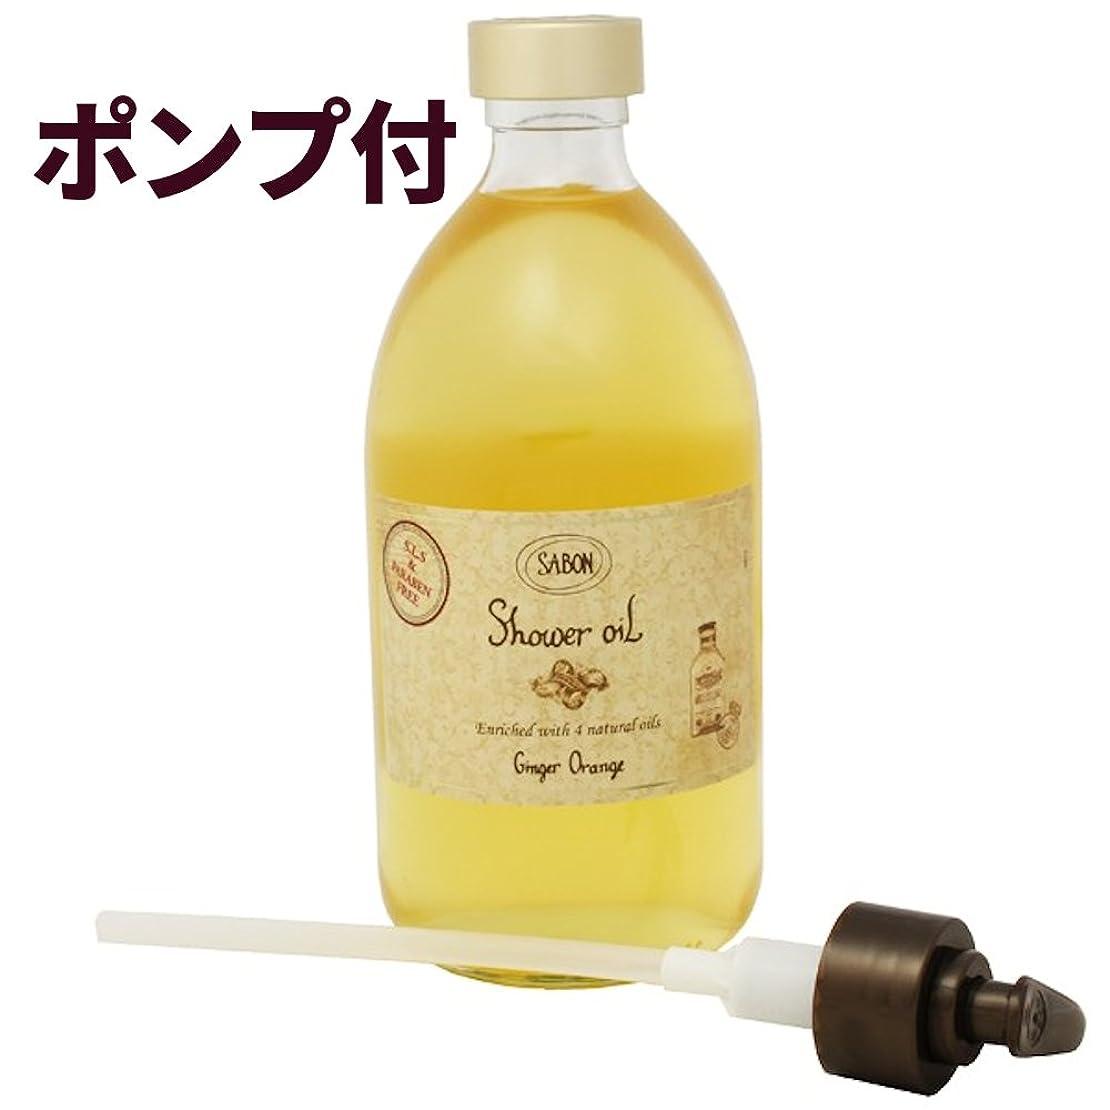 笑いこどもセンター系統的サボン シャワーオイル ジンジャーオレンジ 500ml(並行輸入品)